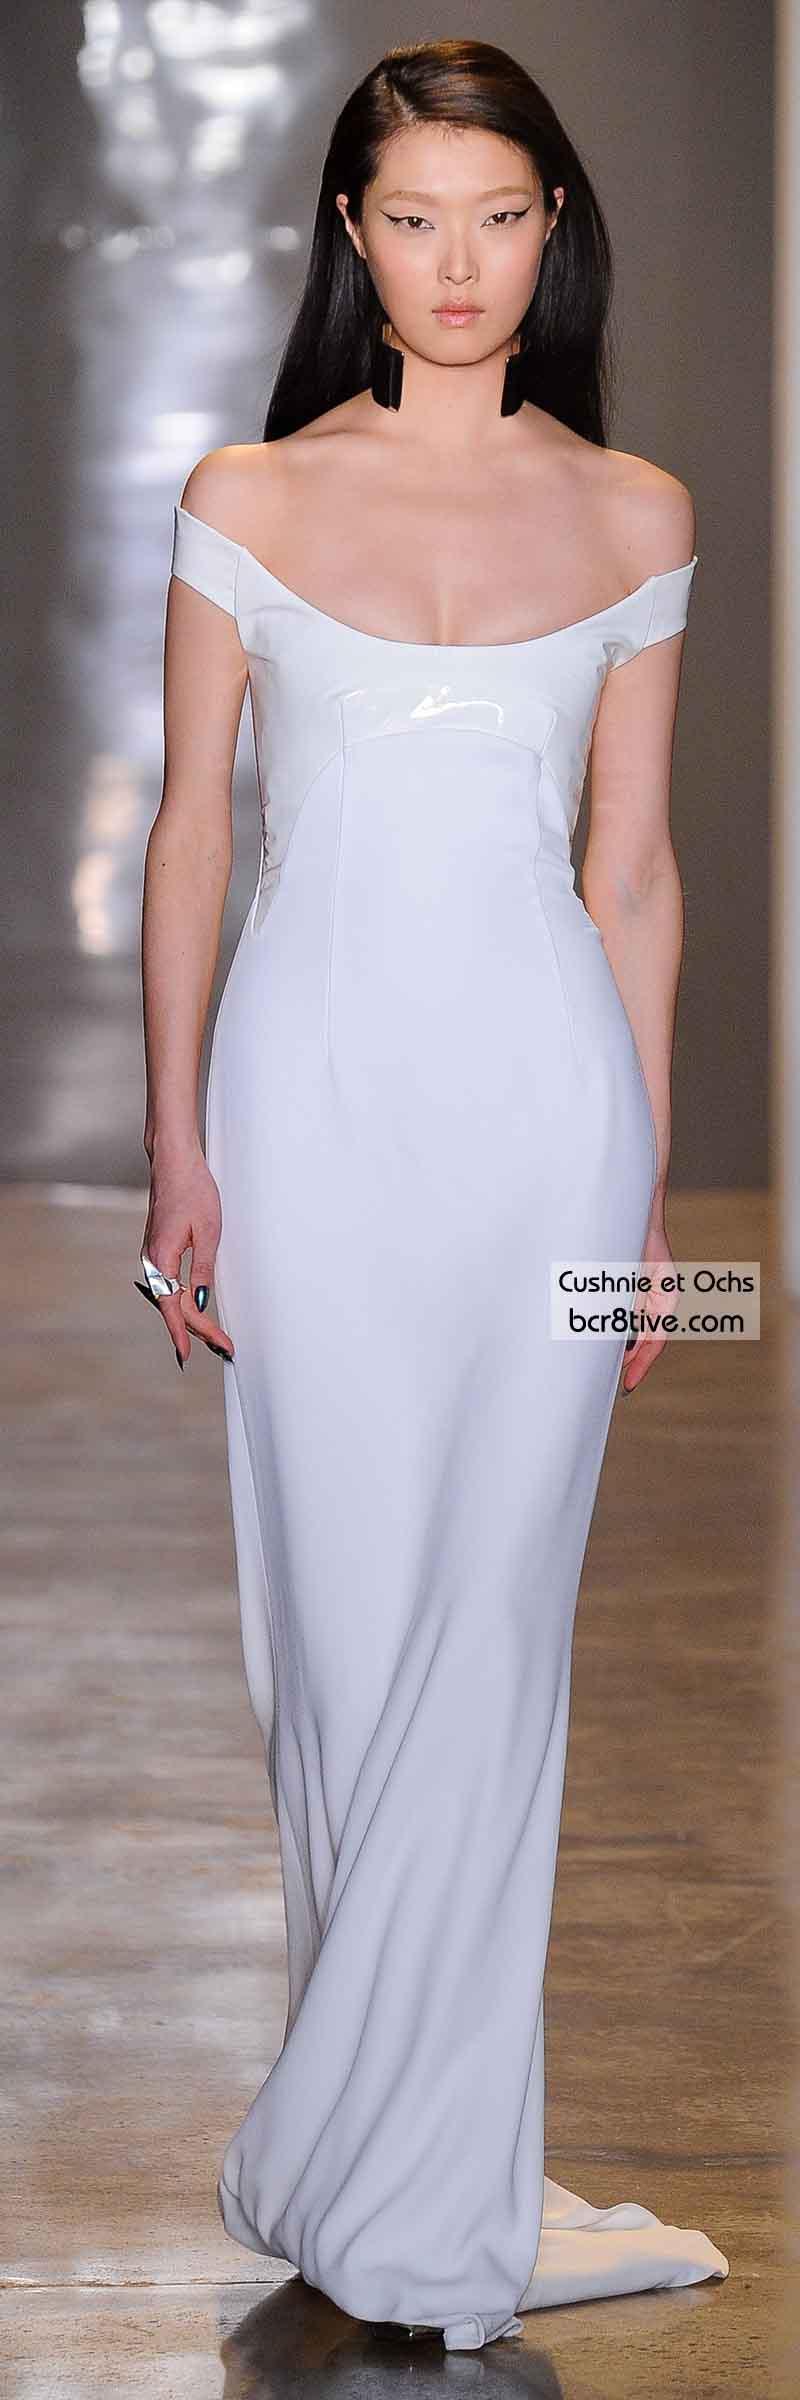 Cushnie et Ochs FW 2014 #NYFW